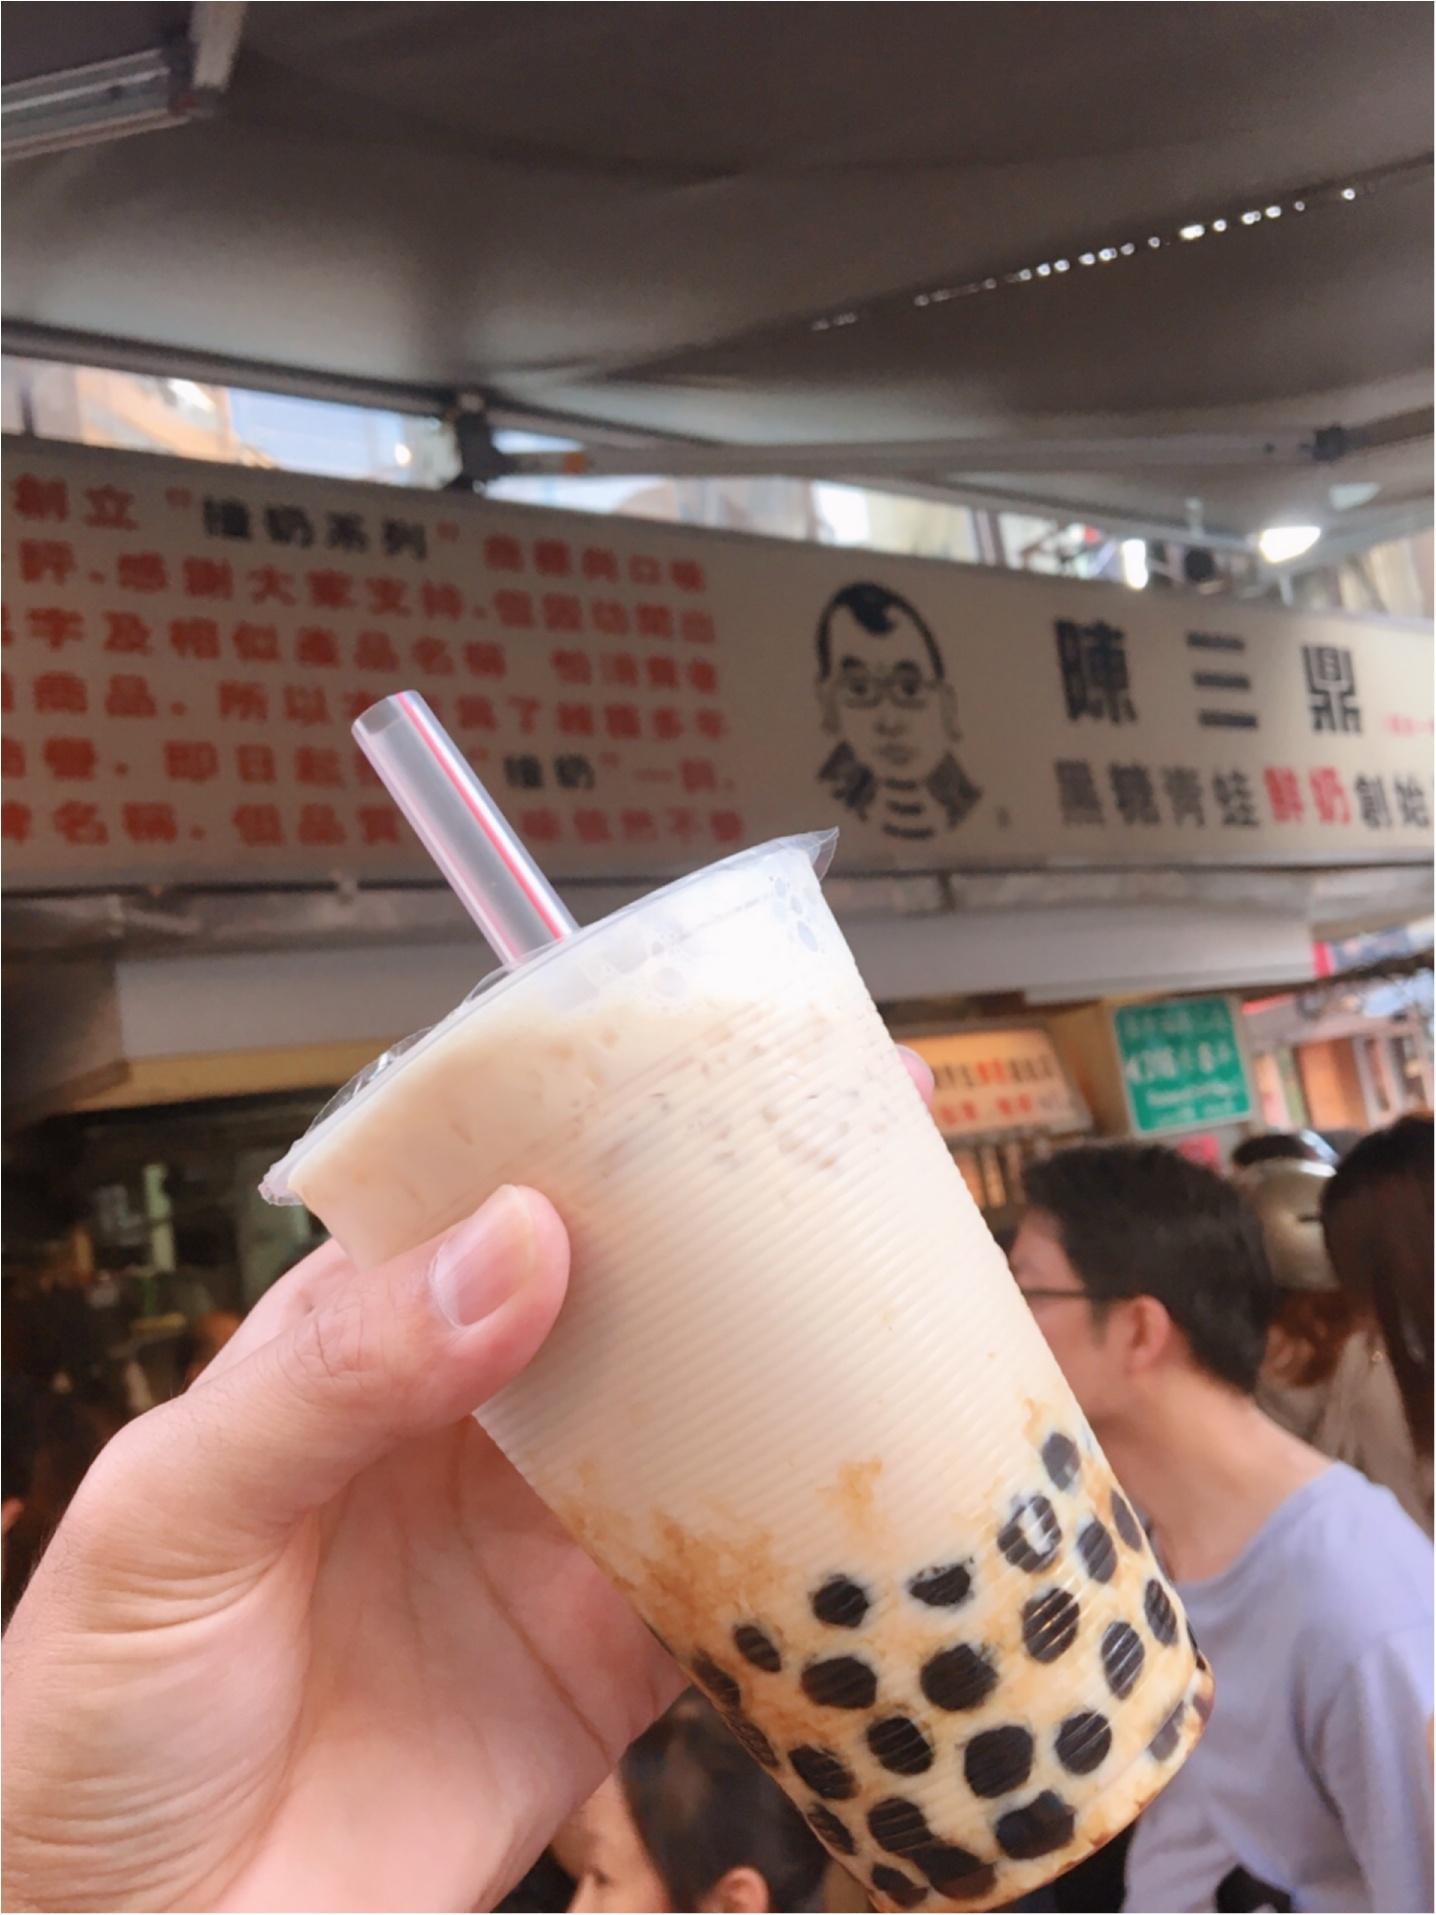 台湾のおしゃれなカフェ&食べ物特集 - 人気のタピオカや小籠包も! 台湾女子旅におすすめのグルメ情報まとめ_43